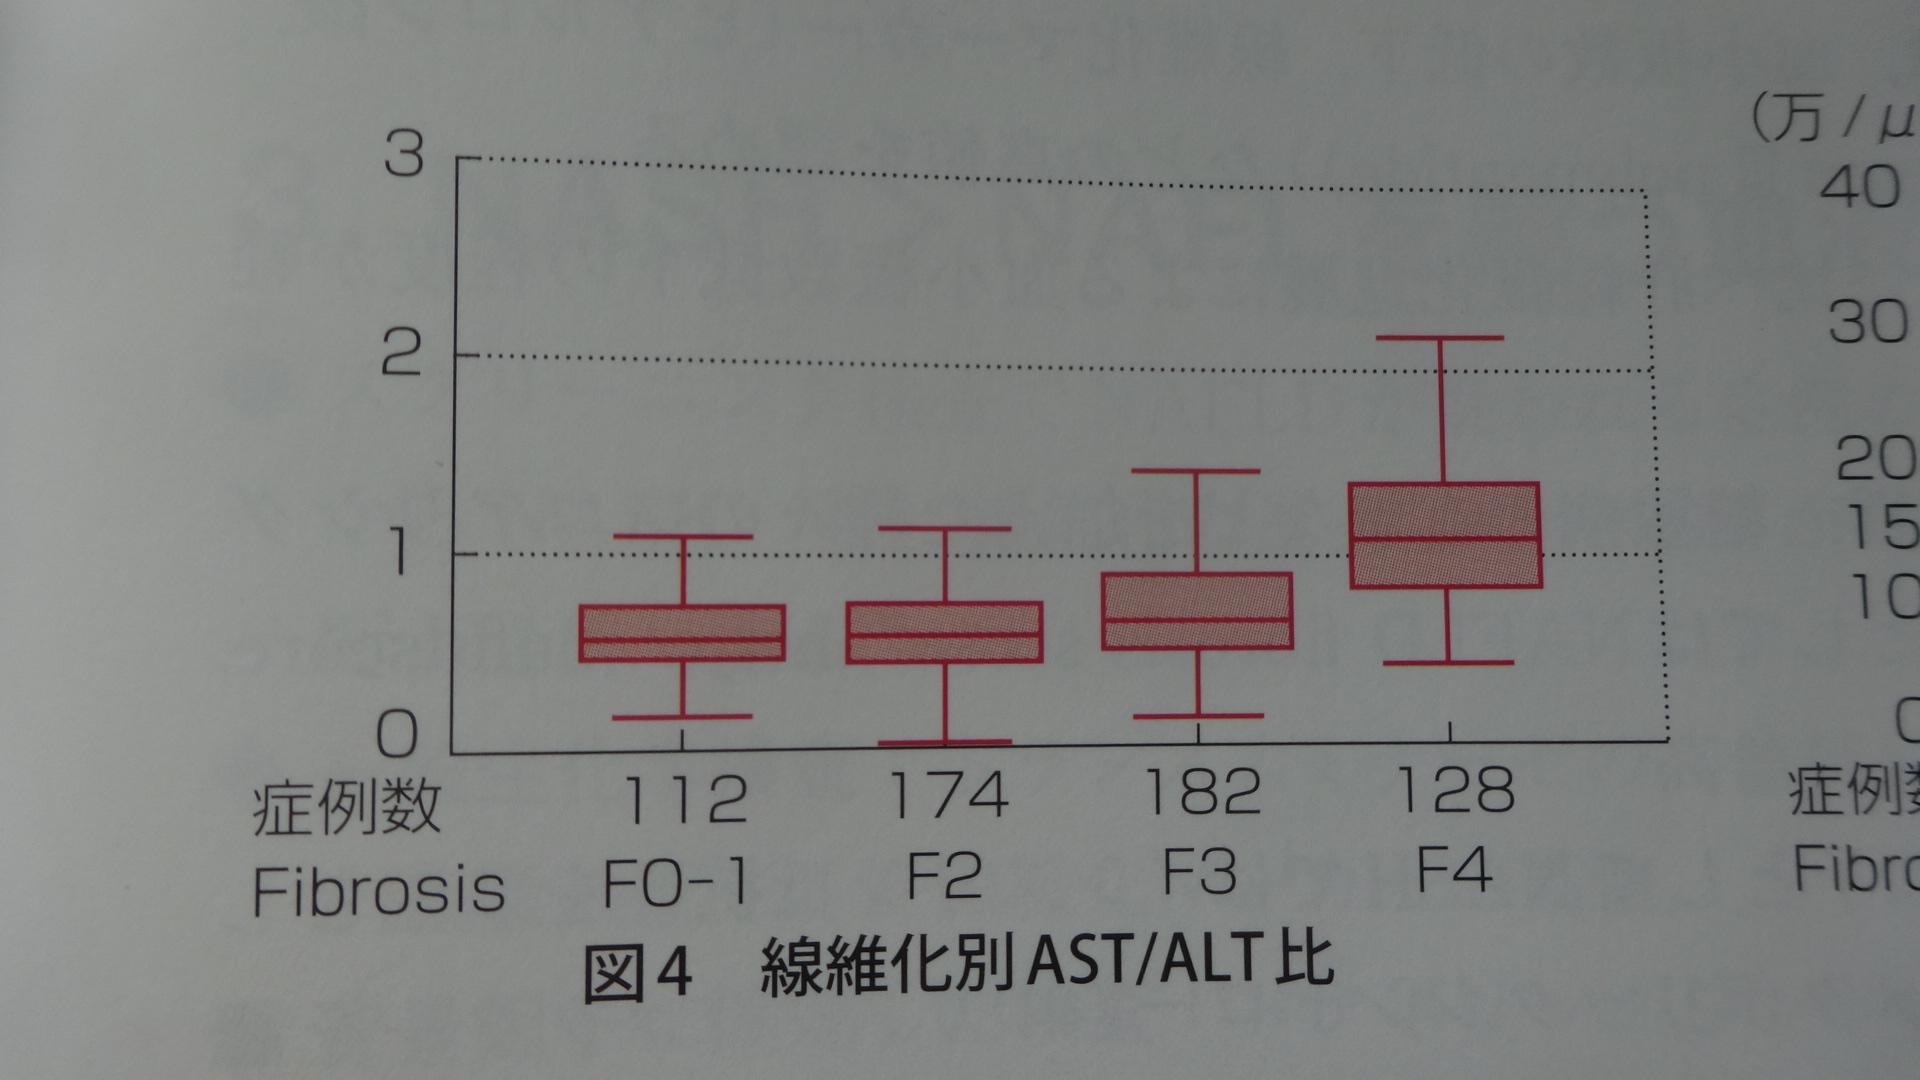 AST/ALT比と線維化の関連を示す図